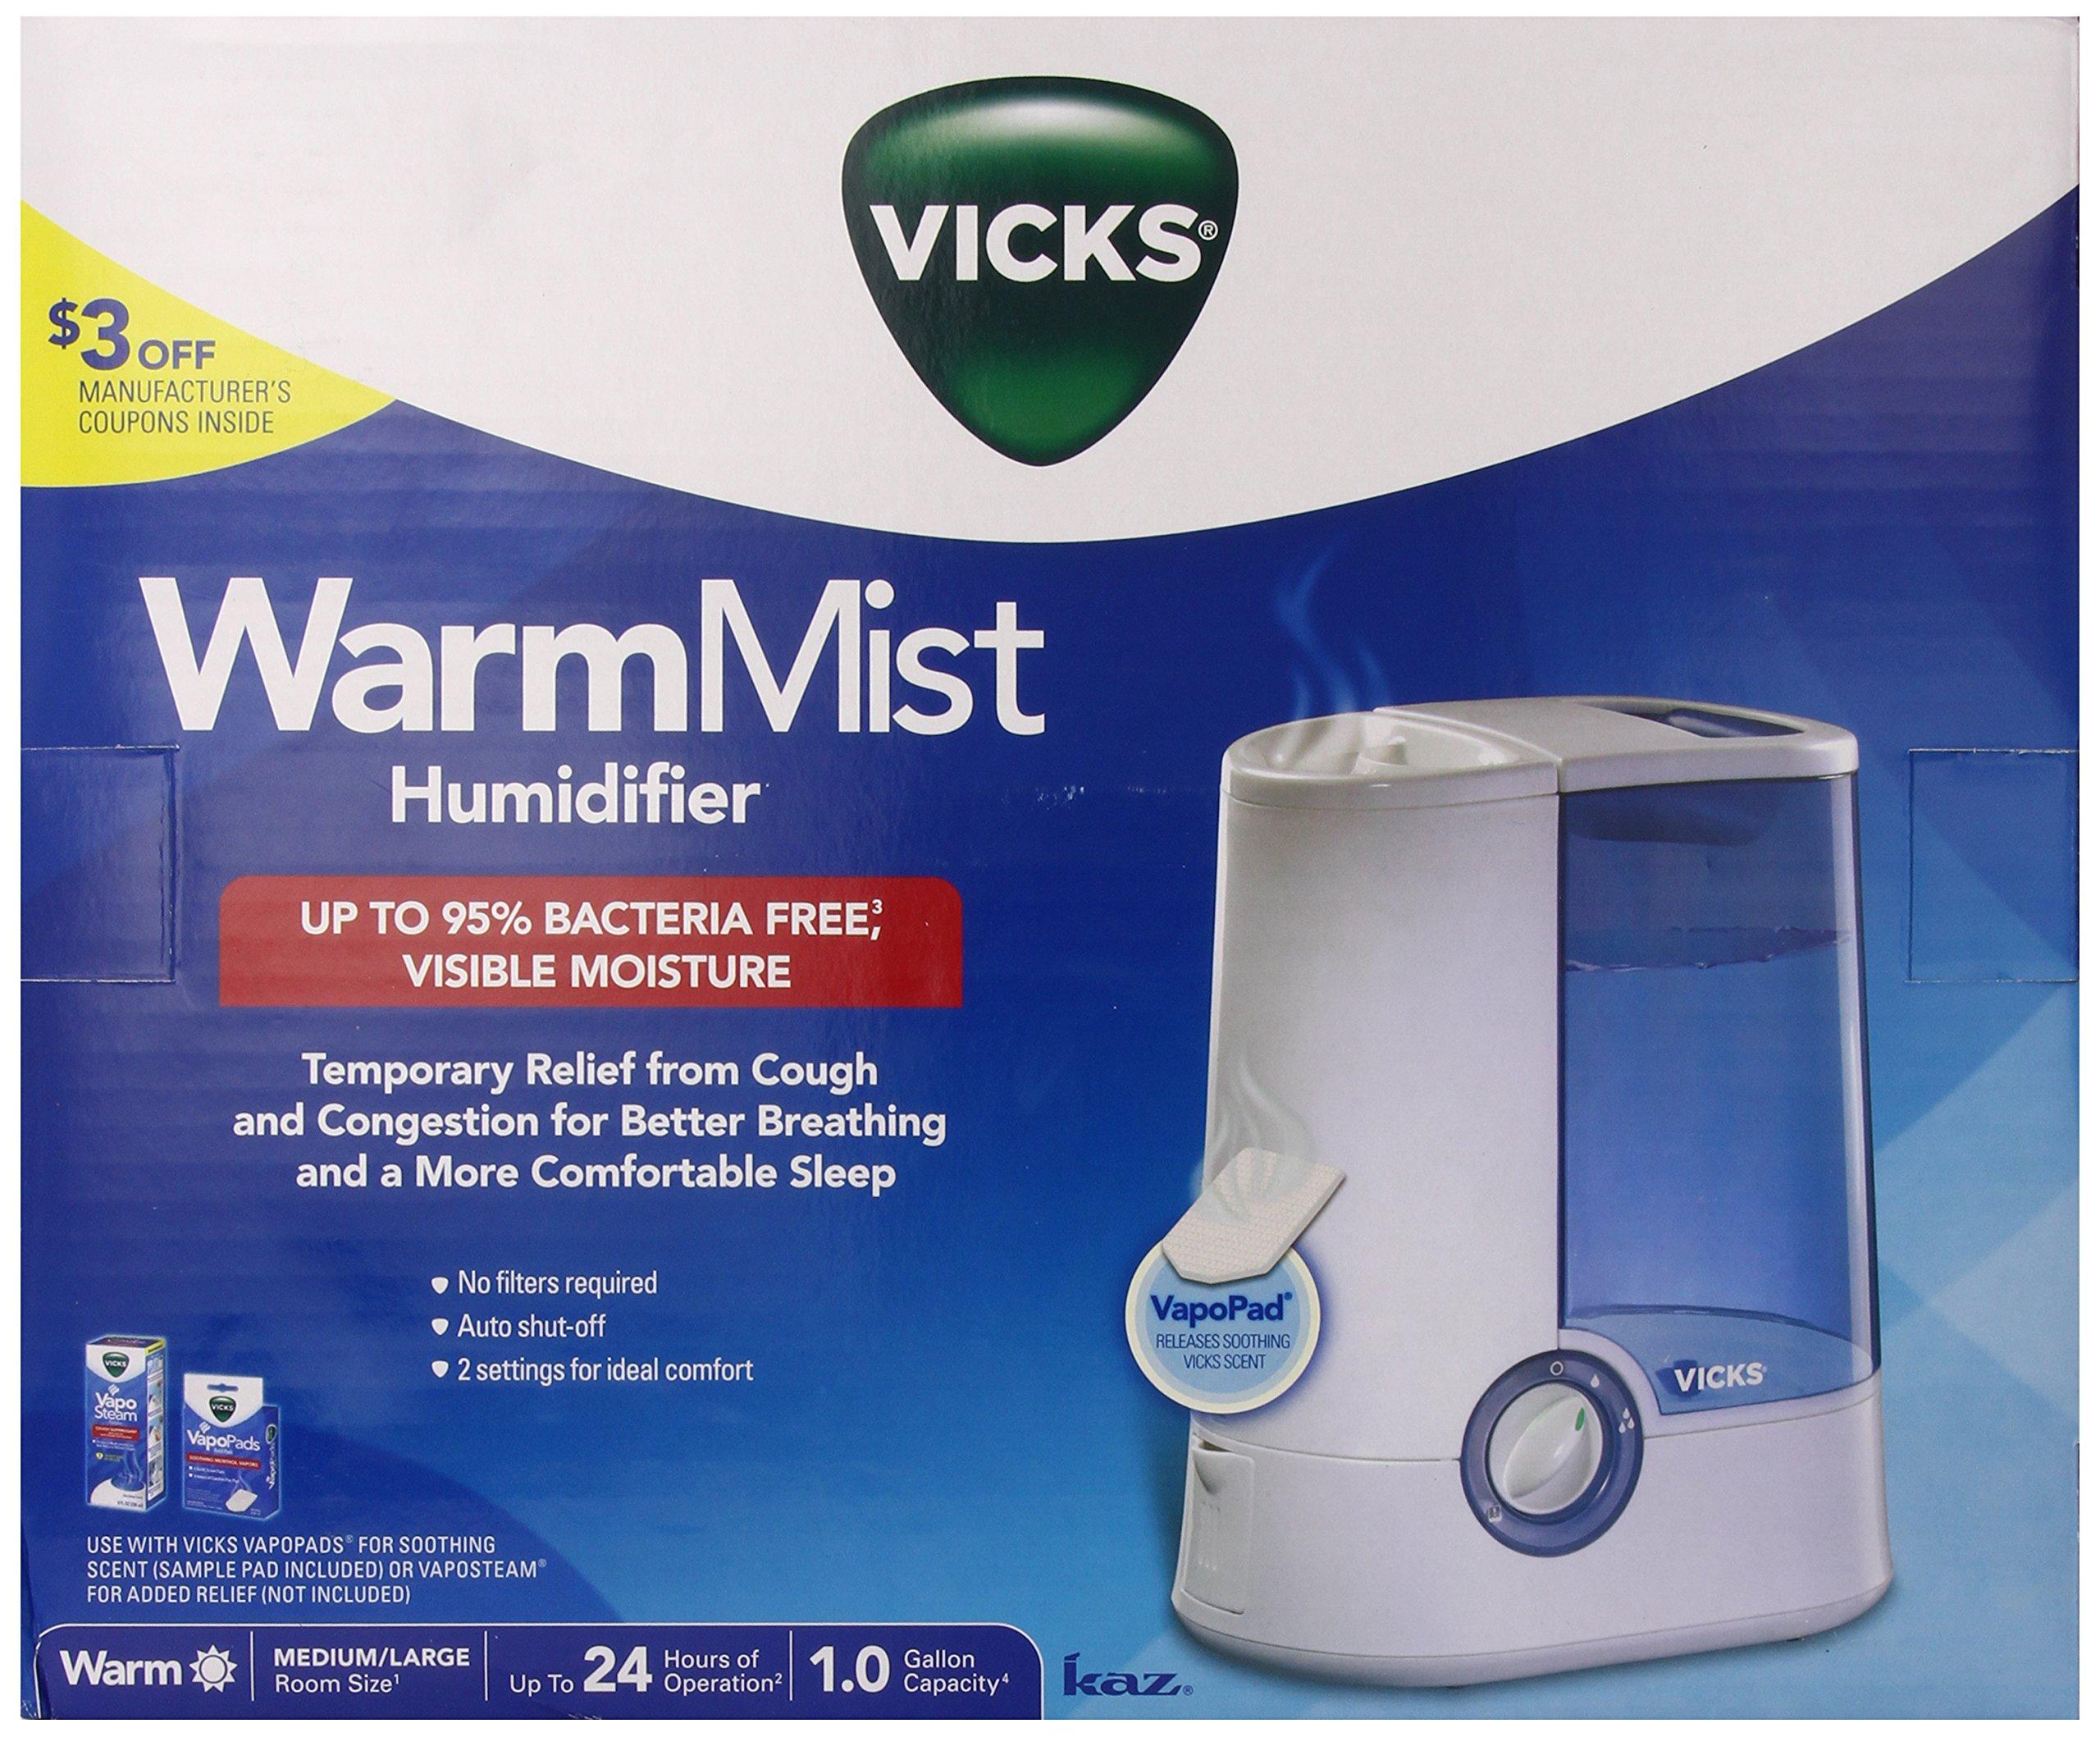 Vicks mist humidifier instructions